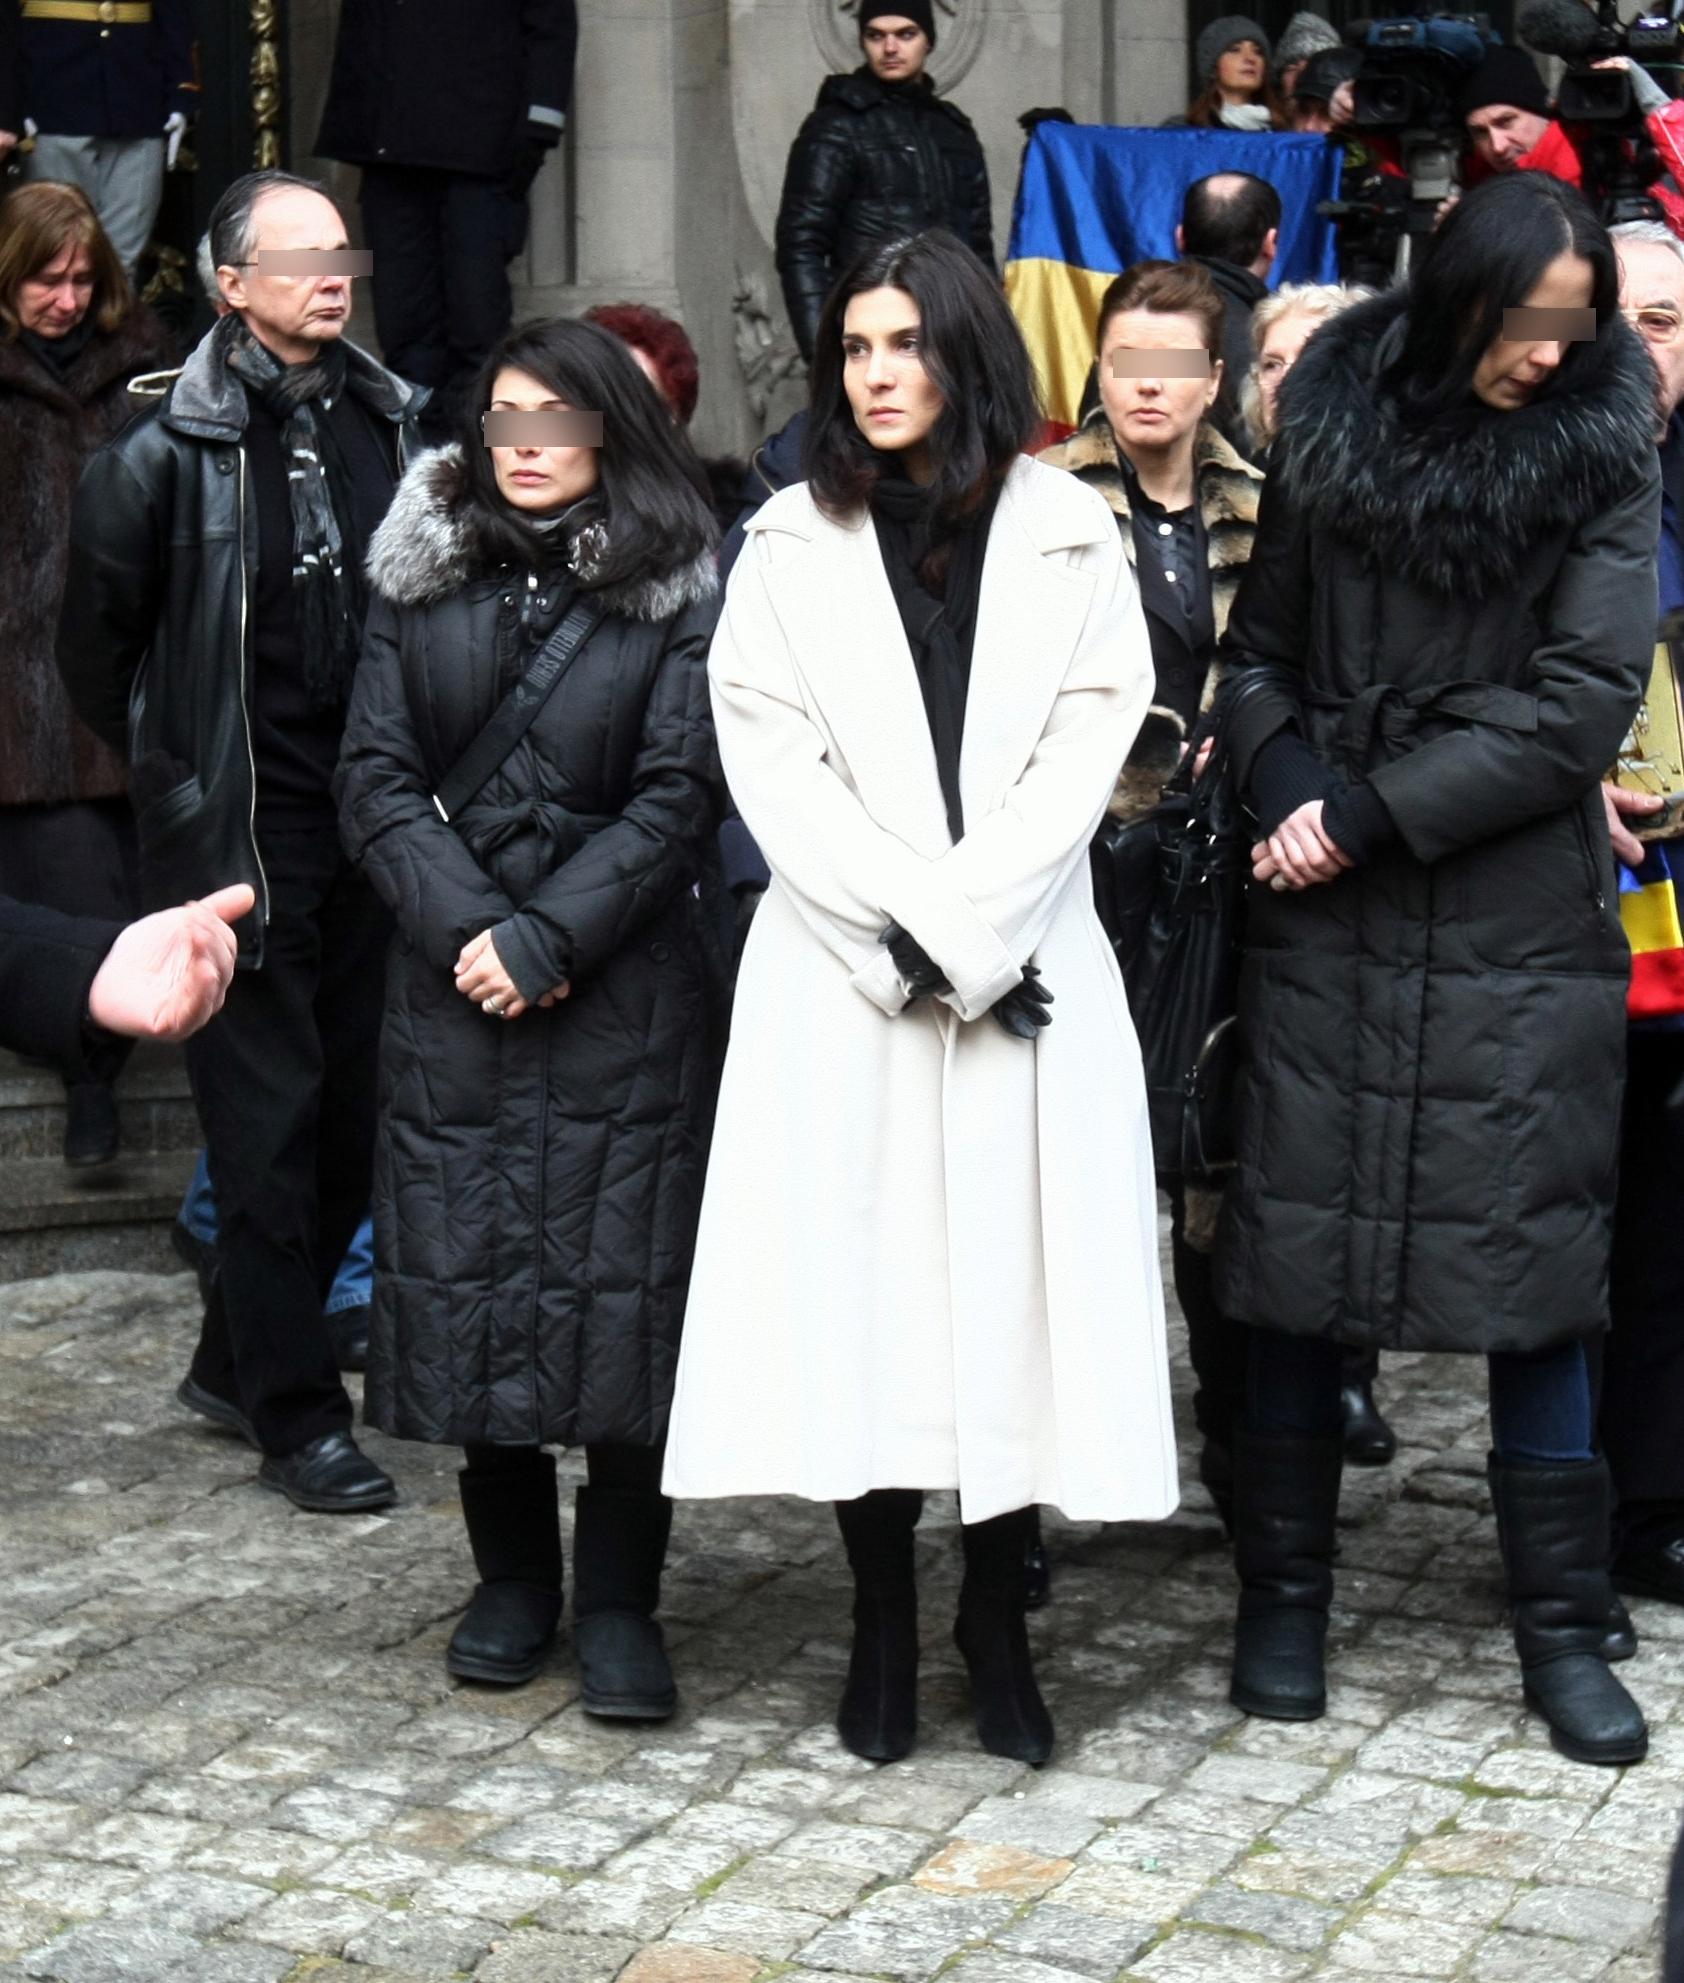 Vaduva lui Sergiu Nicolaescu refuza sa intre intr-un conflict cu sora maestrului, avand o atitudine extrem de discreta fata de procesul care i-a fost deschis